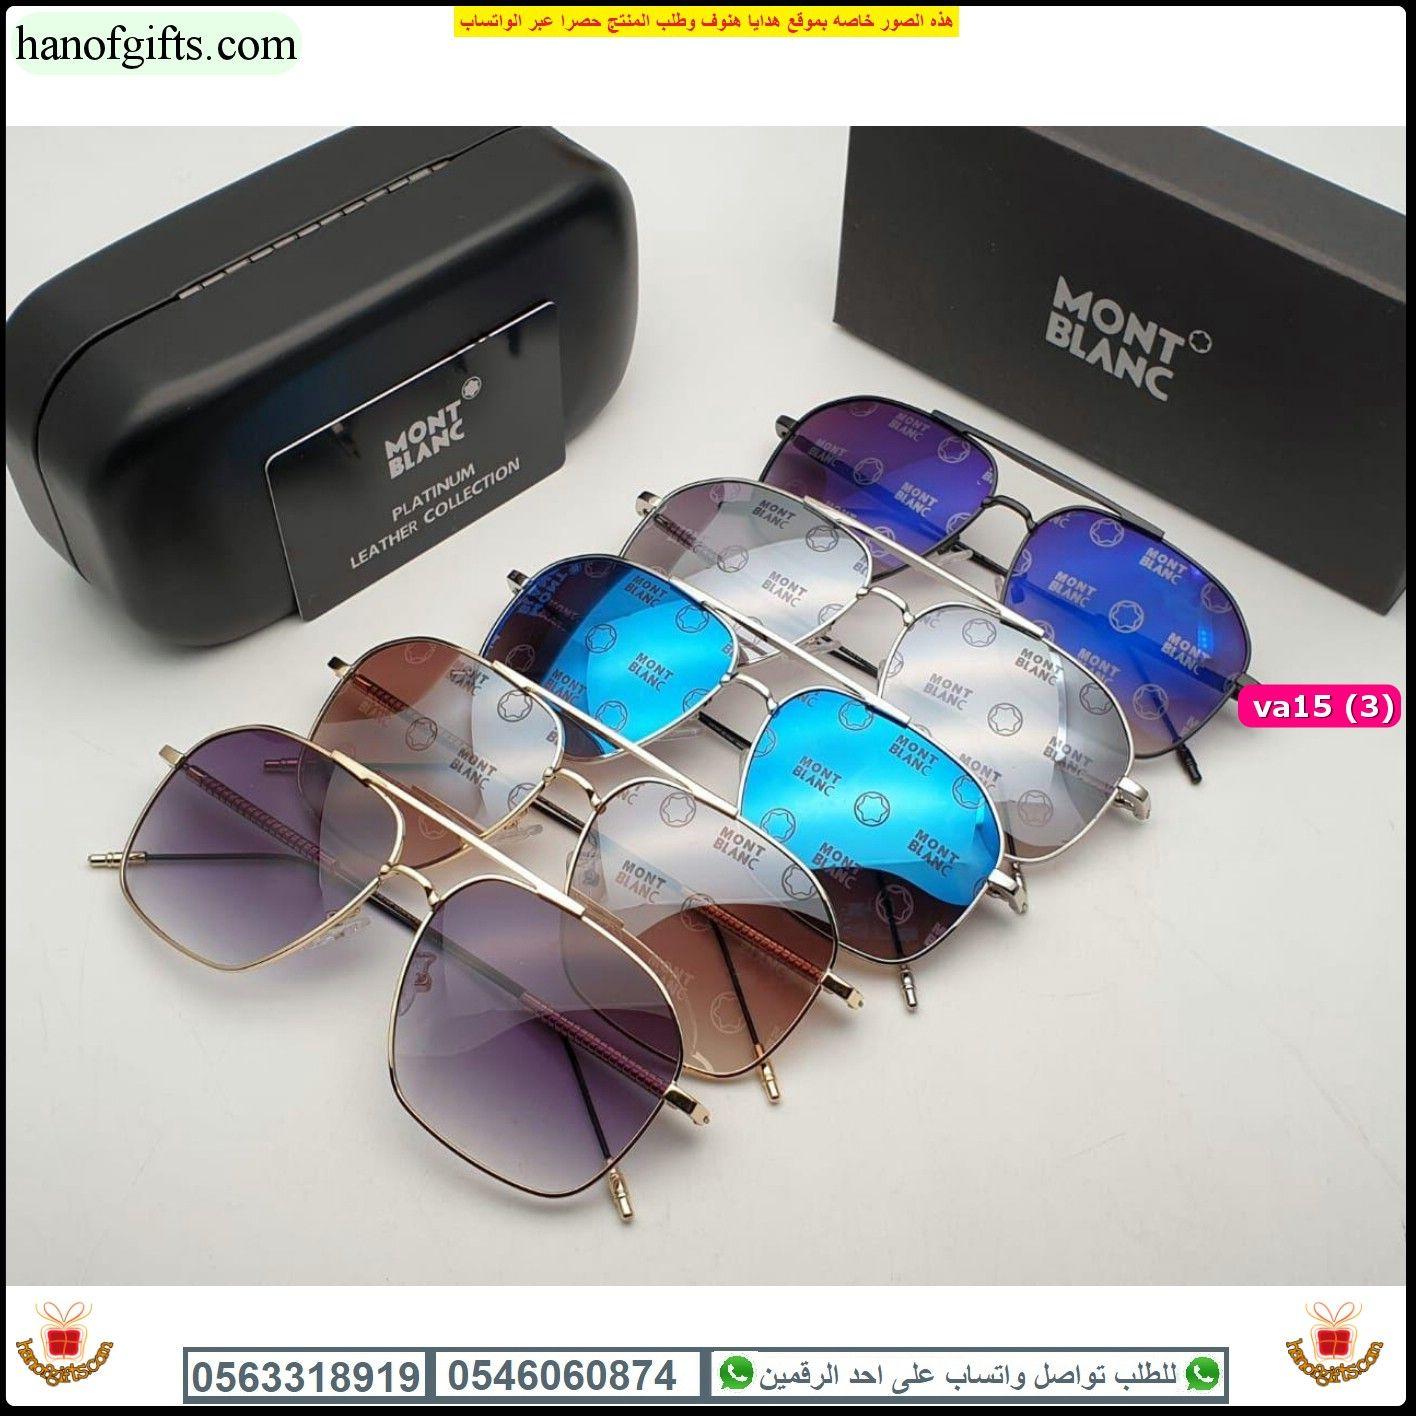 نظارات مونت بلانك رجاليه Mont Blanc مع جميع ملحقاتها و بنفس اسم الماركه هدايا هنوف Mirrored Sunglasses Sunglasses Glasses